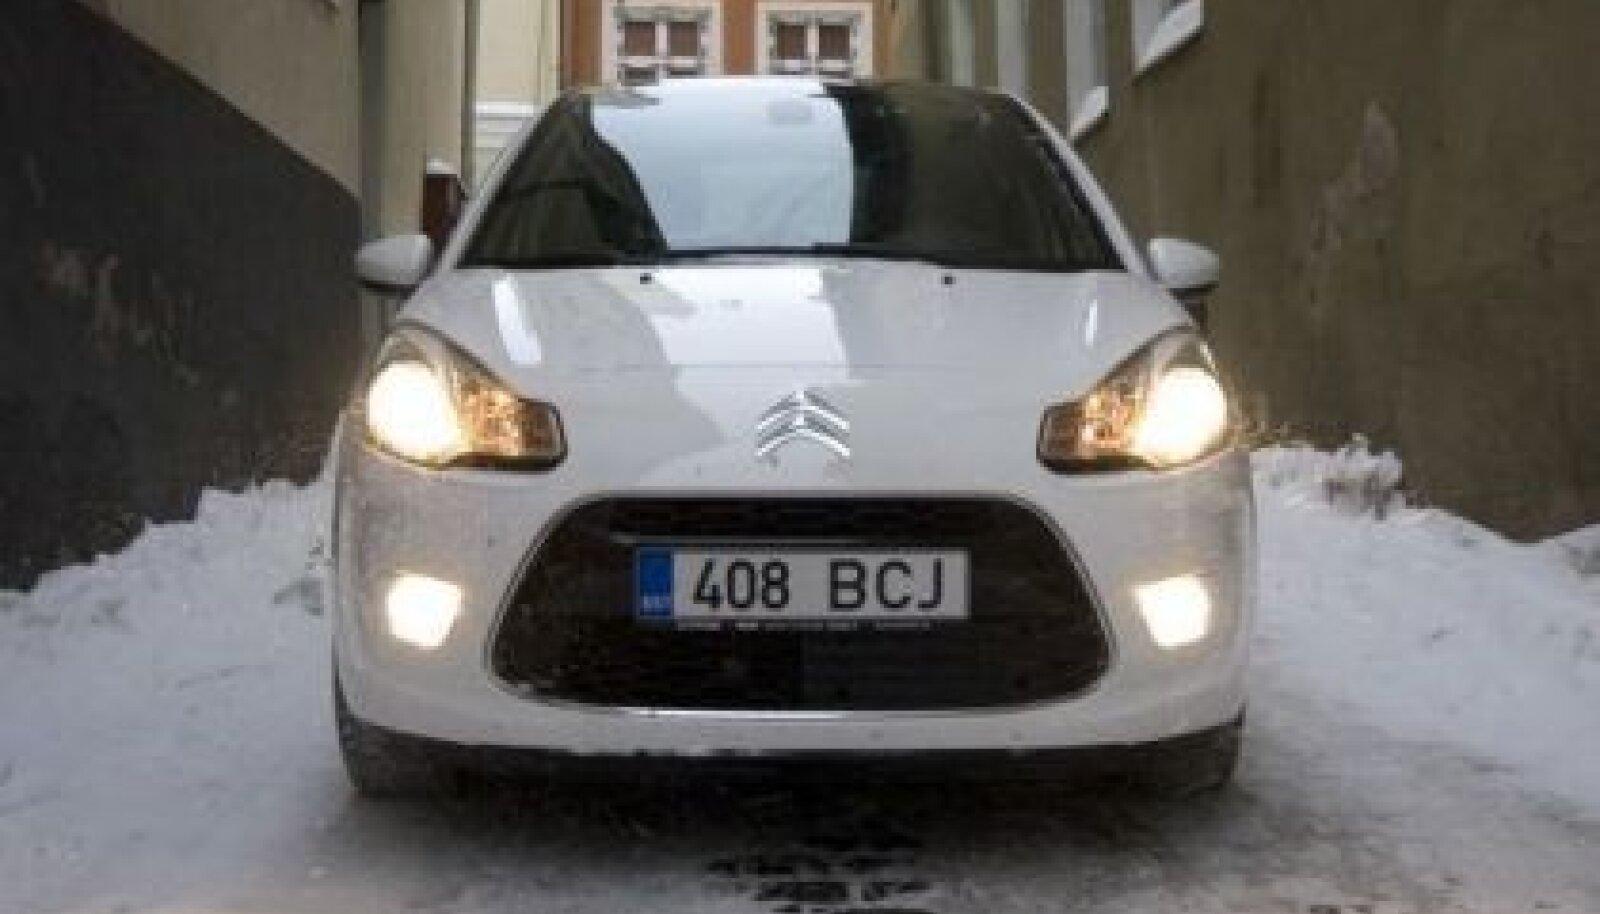 Citroën C3 on taas ehtcitroënilikult moekas. Lisaks ka nupsik